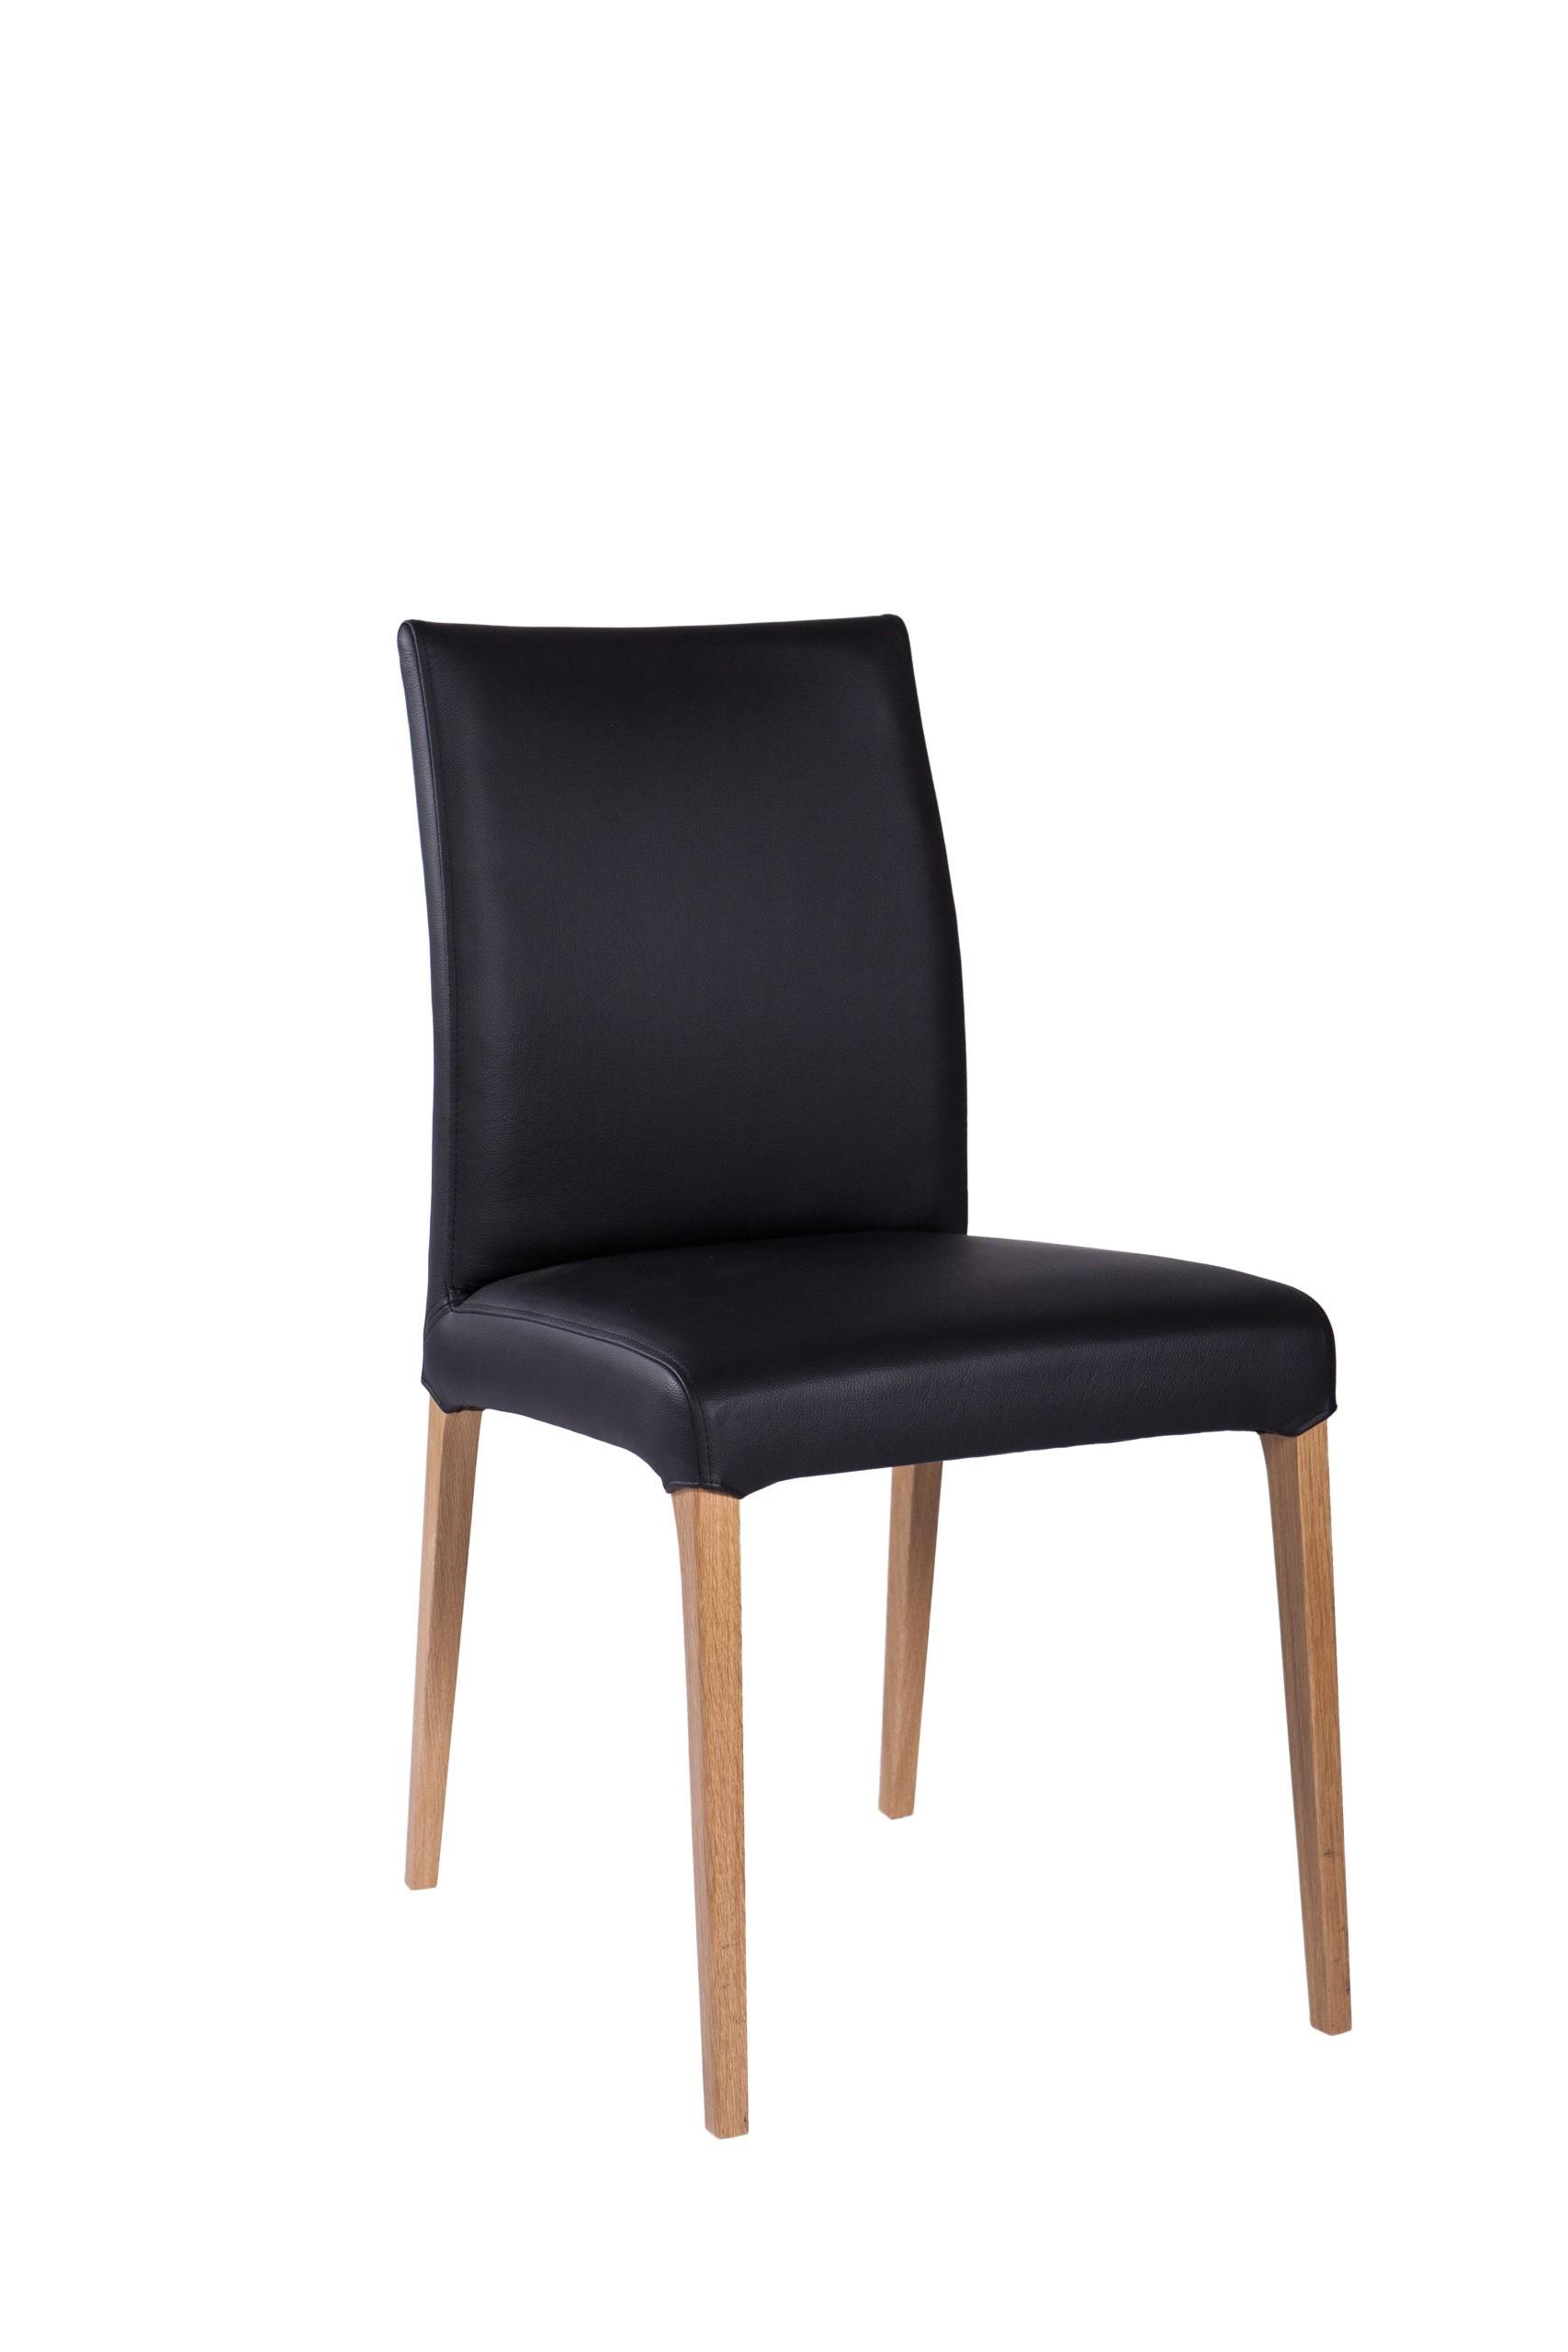 Krzesło tapicerowane w czarnym kolorze wygodne KT 26